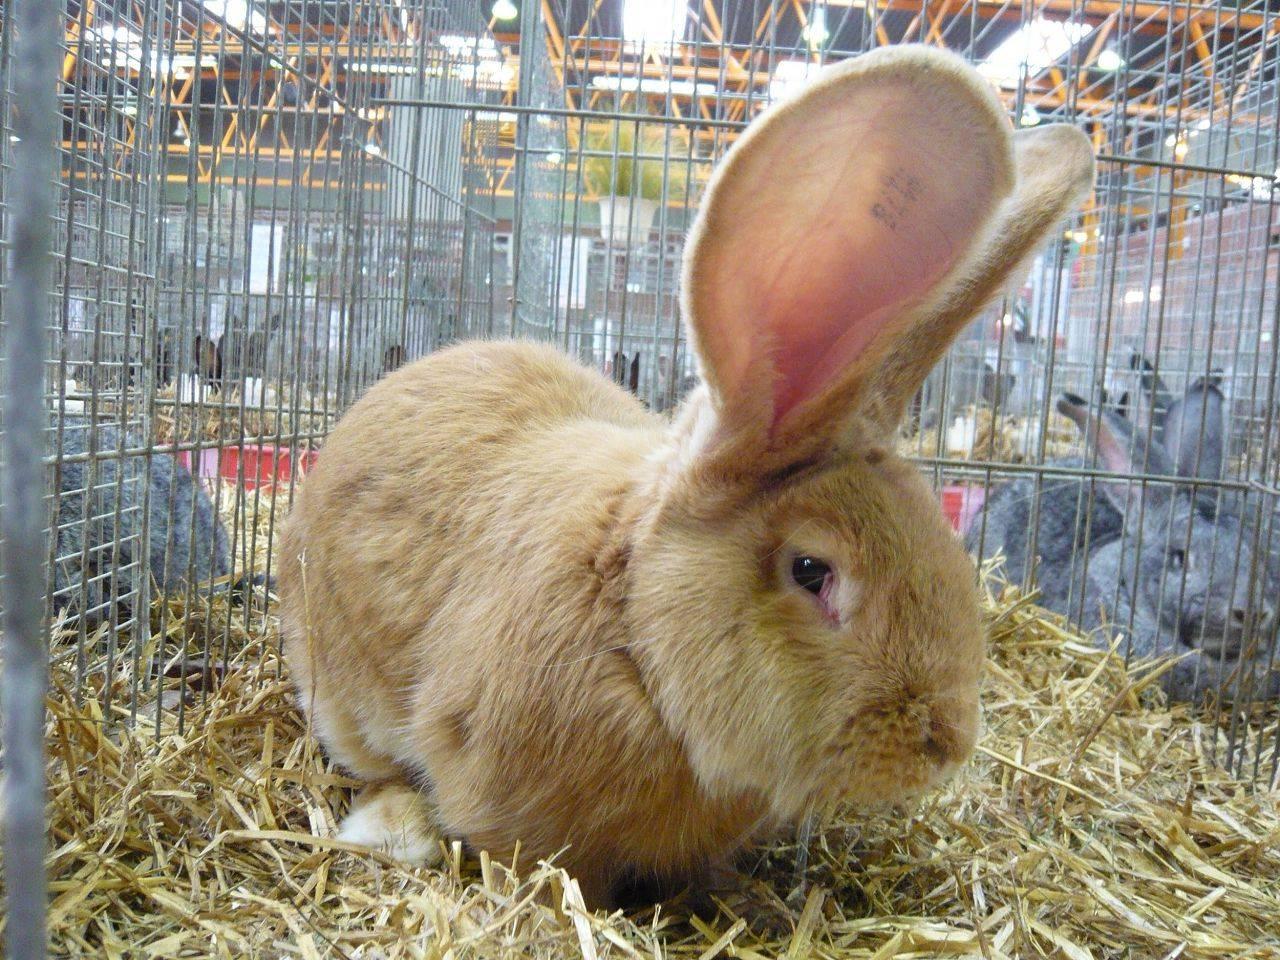 Породы кроликов: какие виды лучше разводить в домашних условиях